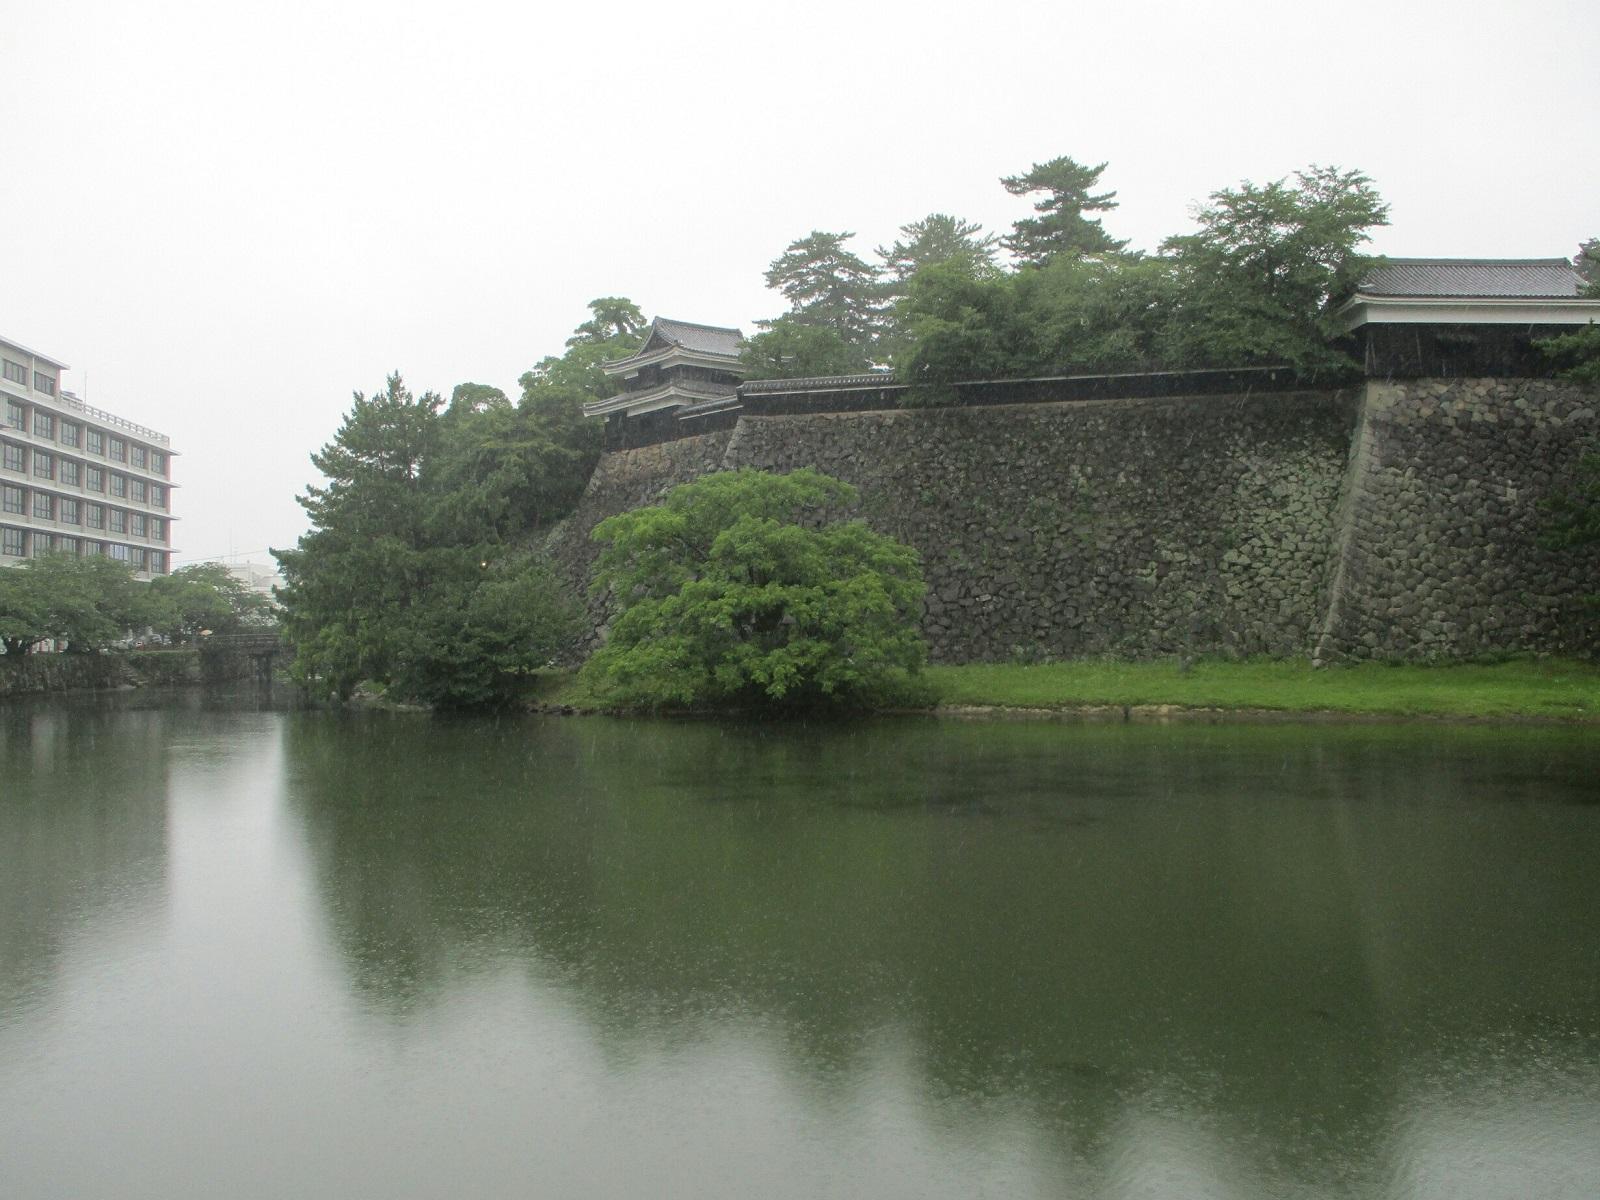 2018.7.7 (5) 松江城 - おほりばた 1600-1200